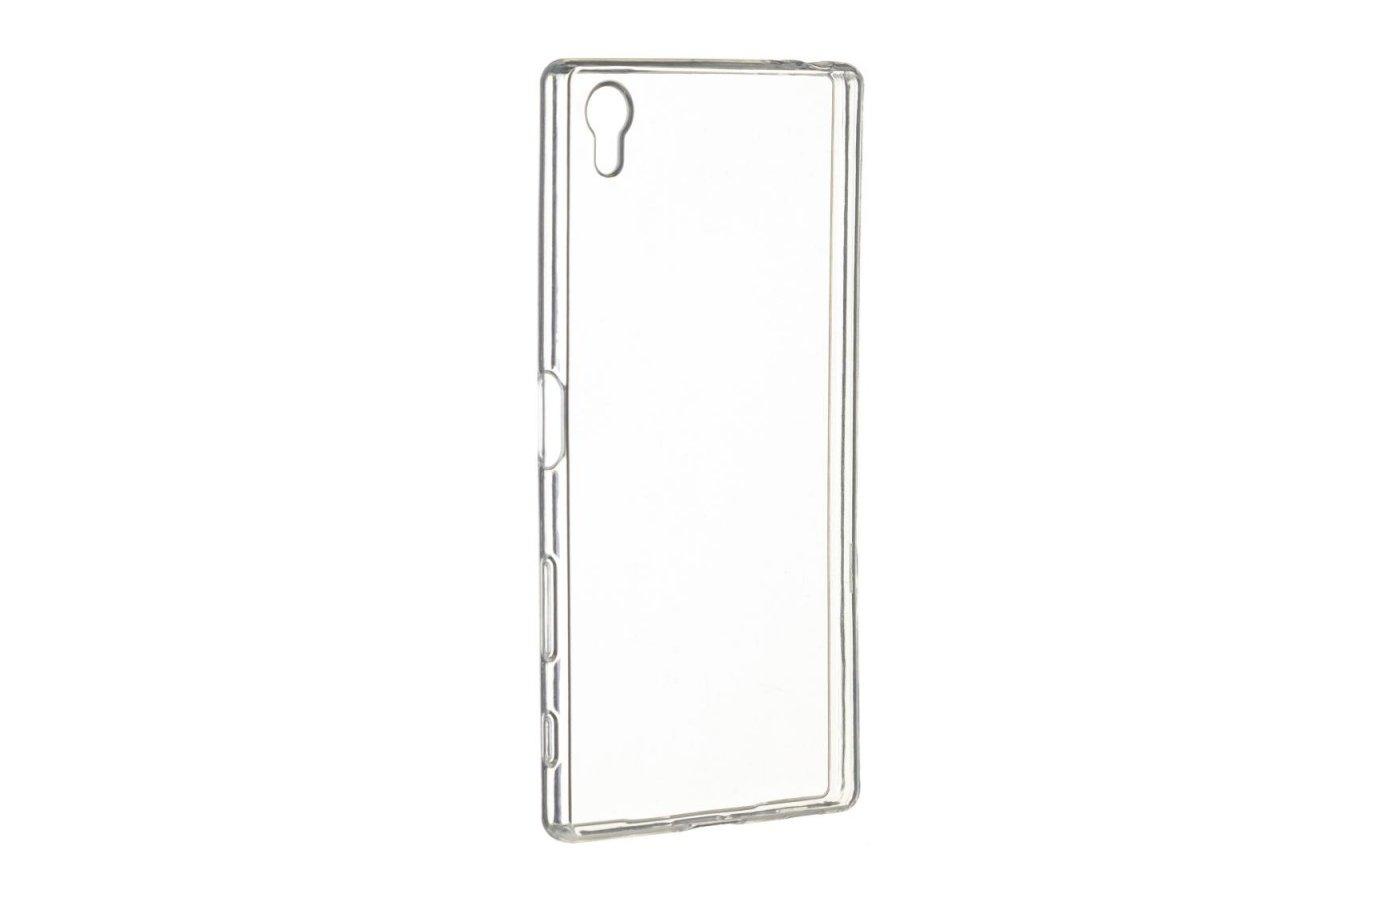 Чехол iBox Crystal для Sony Xperia Z5 Premium прозрачный